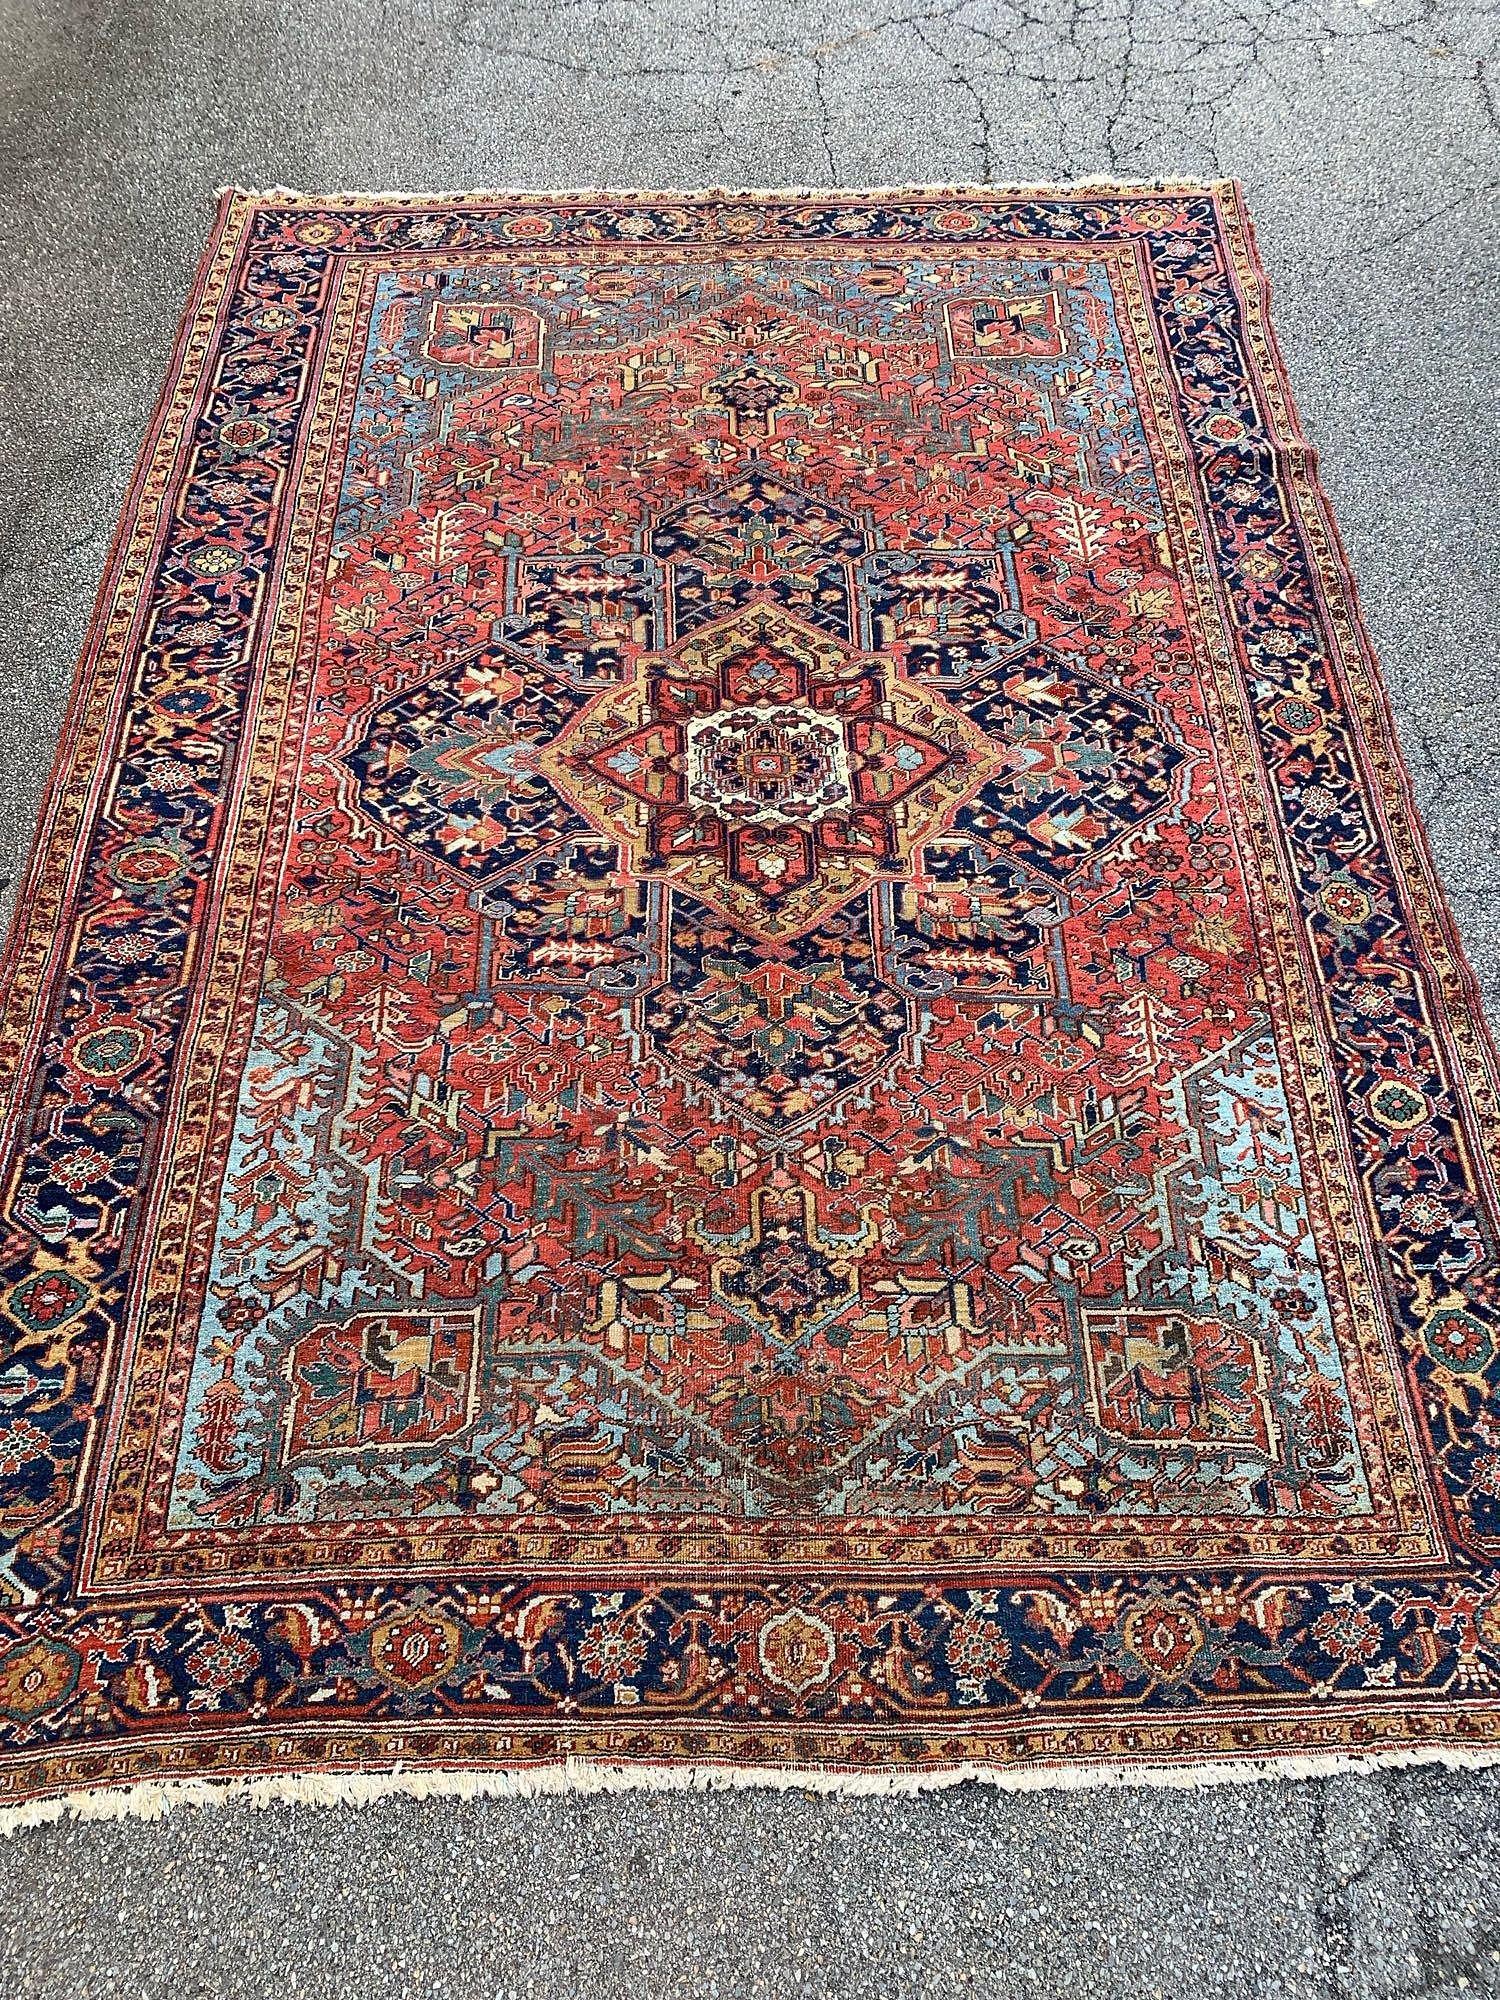 Heriz Room-size Carpet, 13ft 4in x 9ft 6in